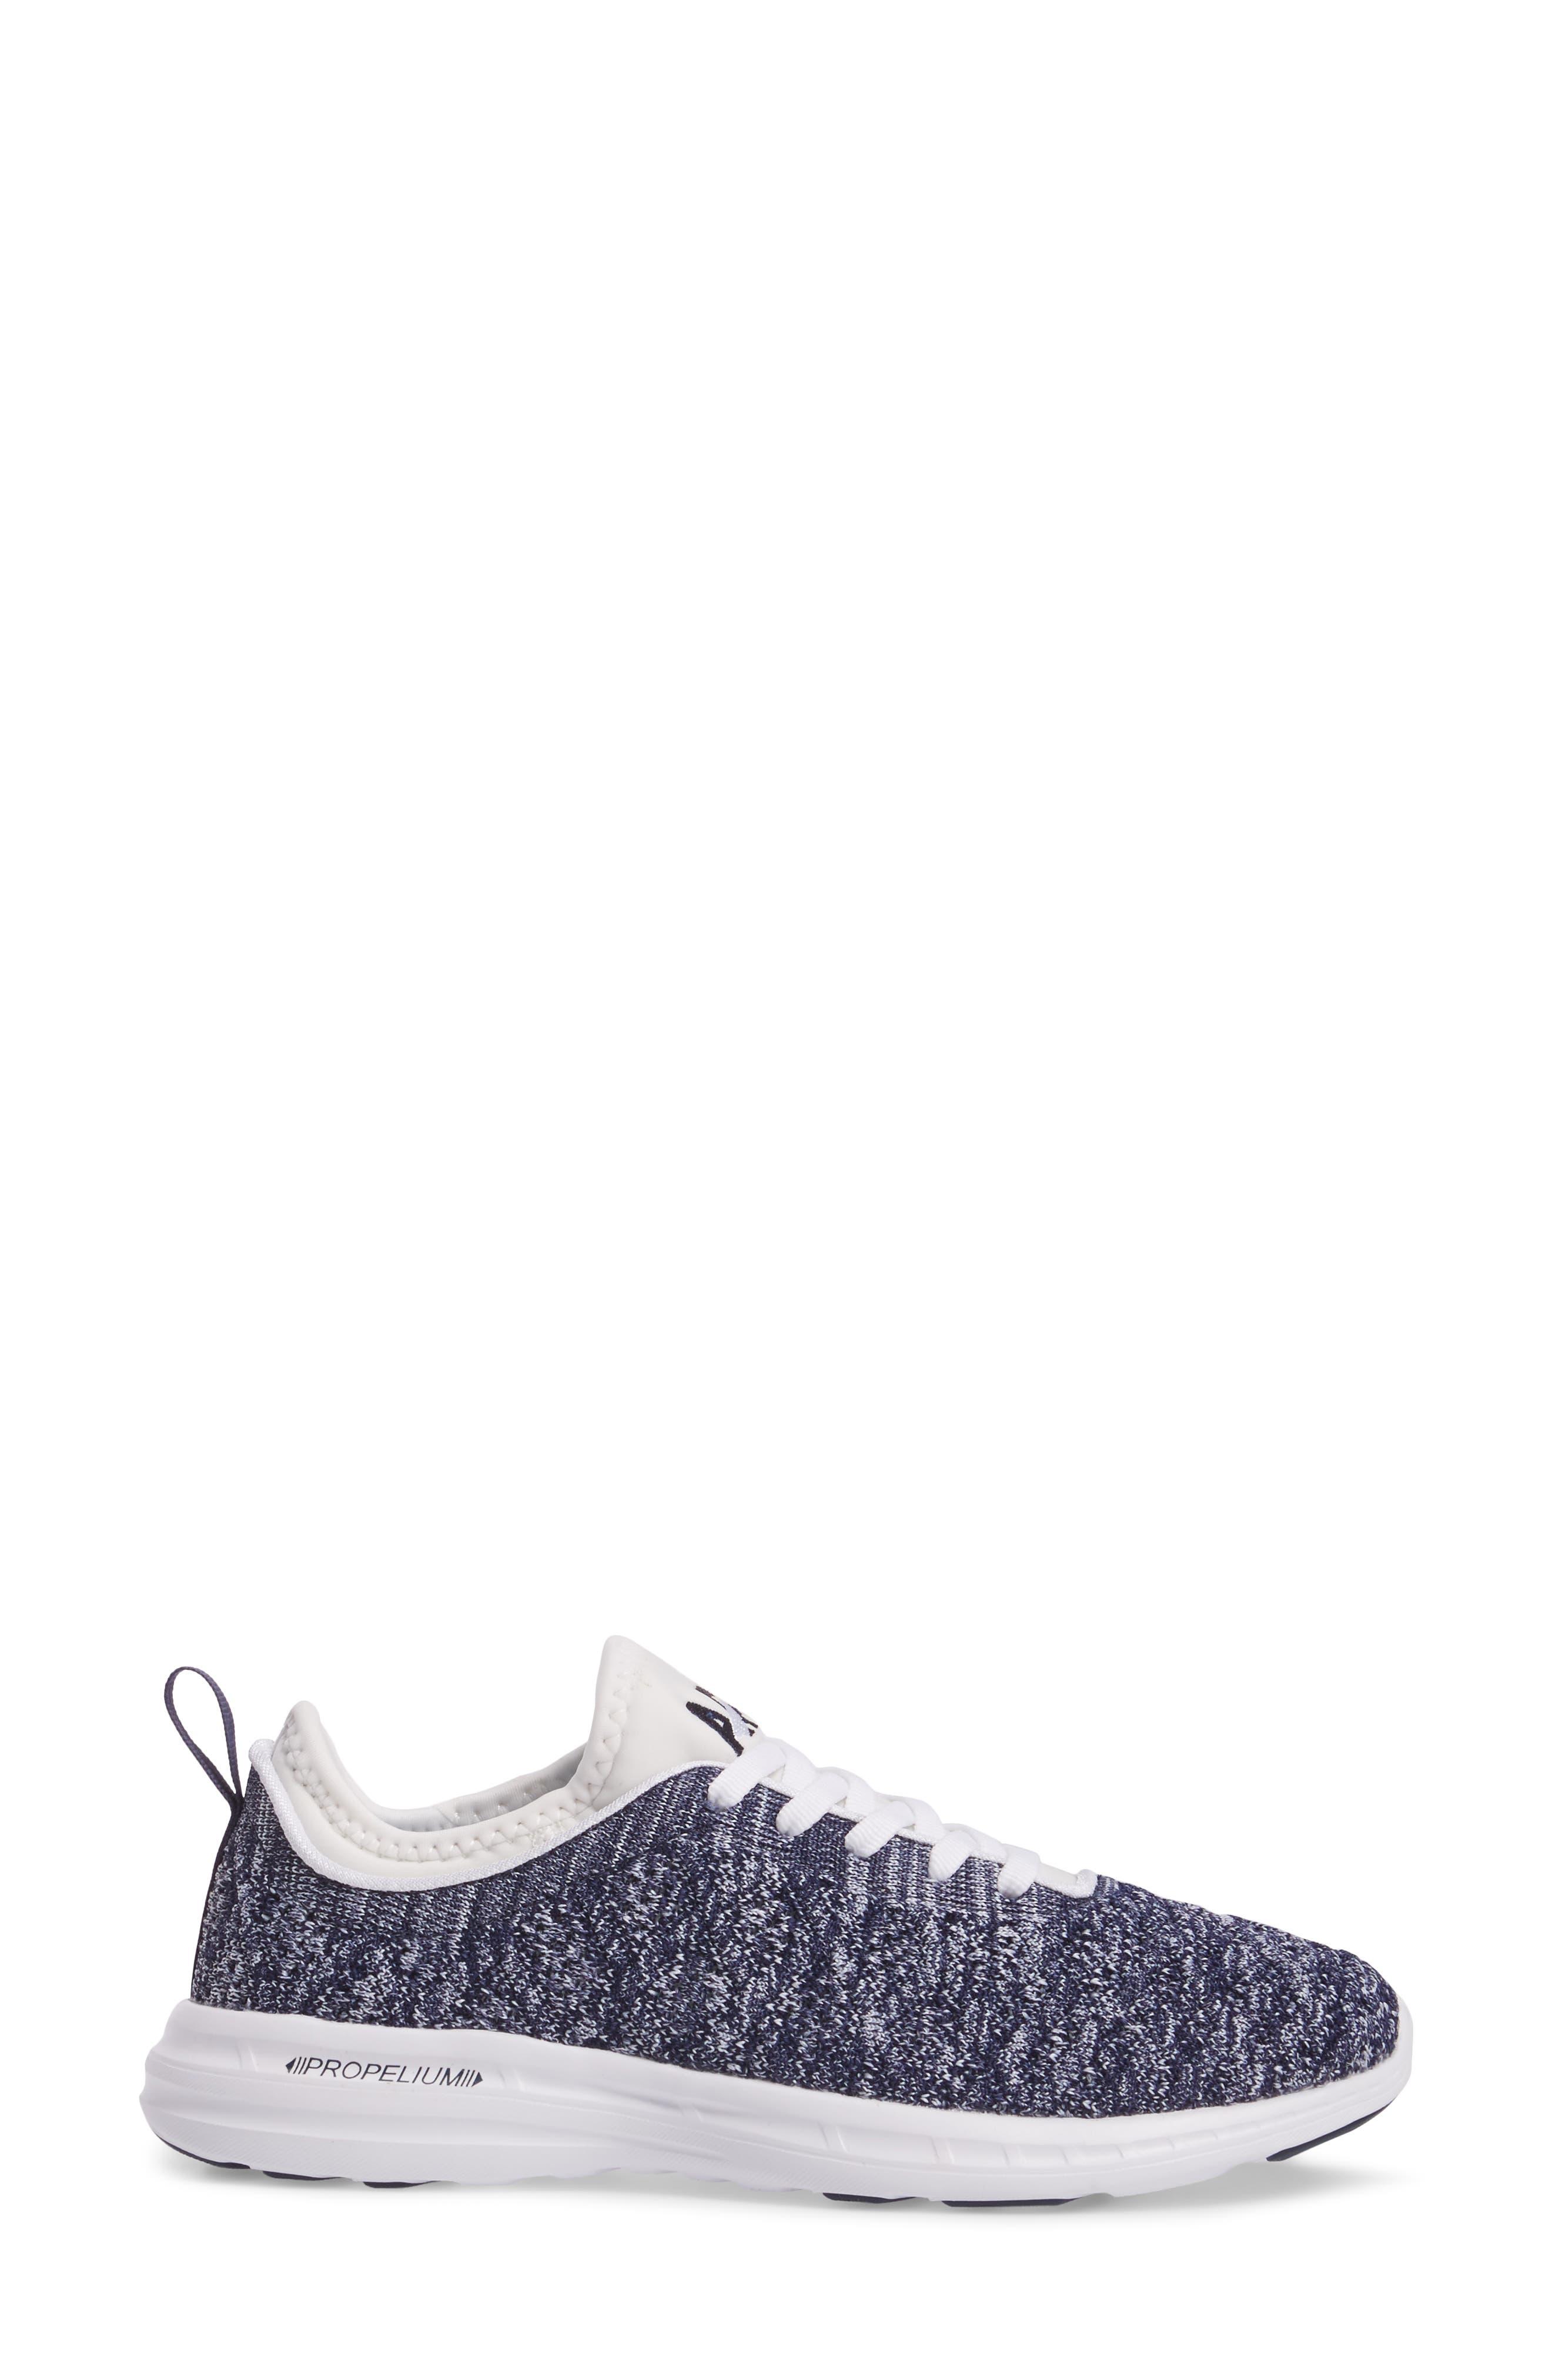 Alternate Image 3  - APL 'TechLoom Phantom' Running Shoe (Women)